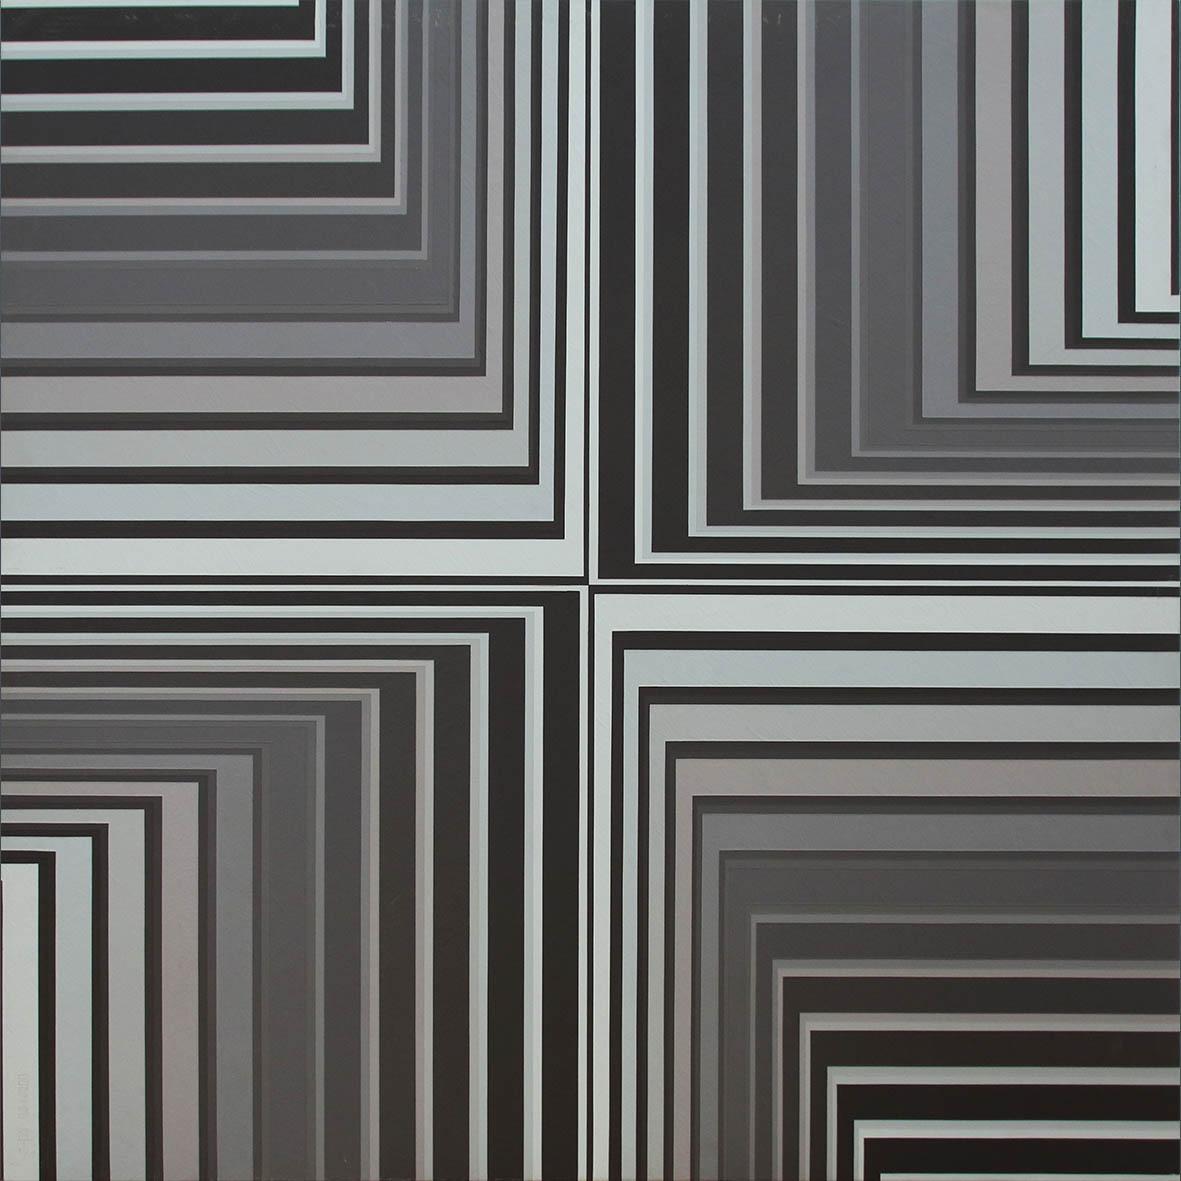 Albert Coertse Elsewhere 2016 Oil on MDF/Board 110 x 110 cm